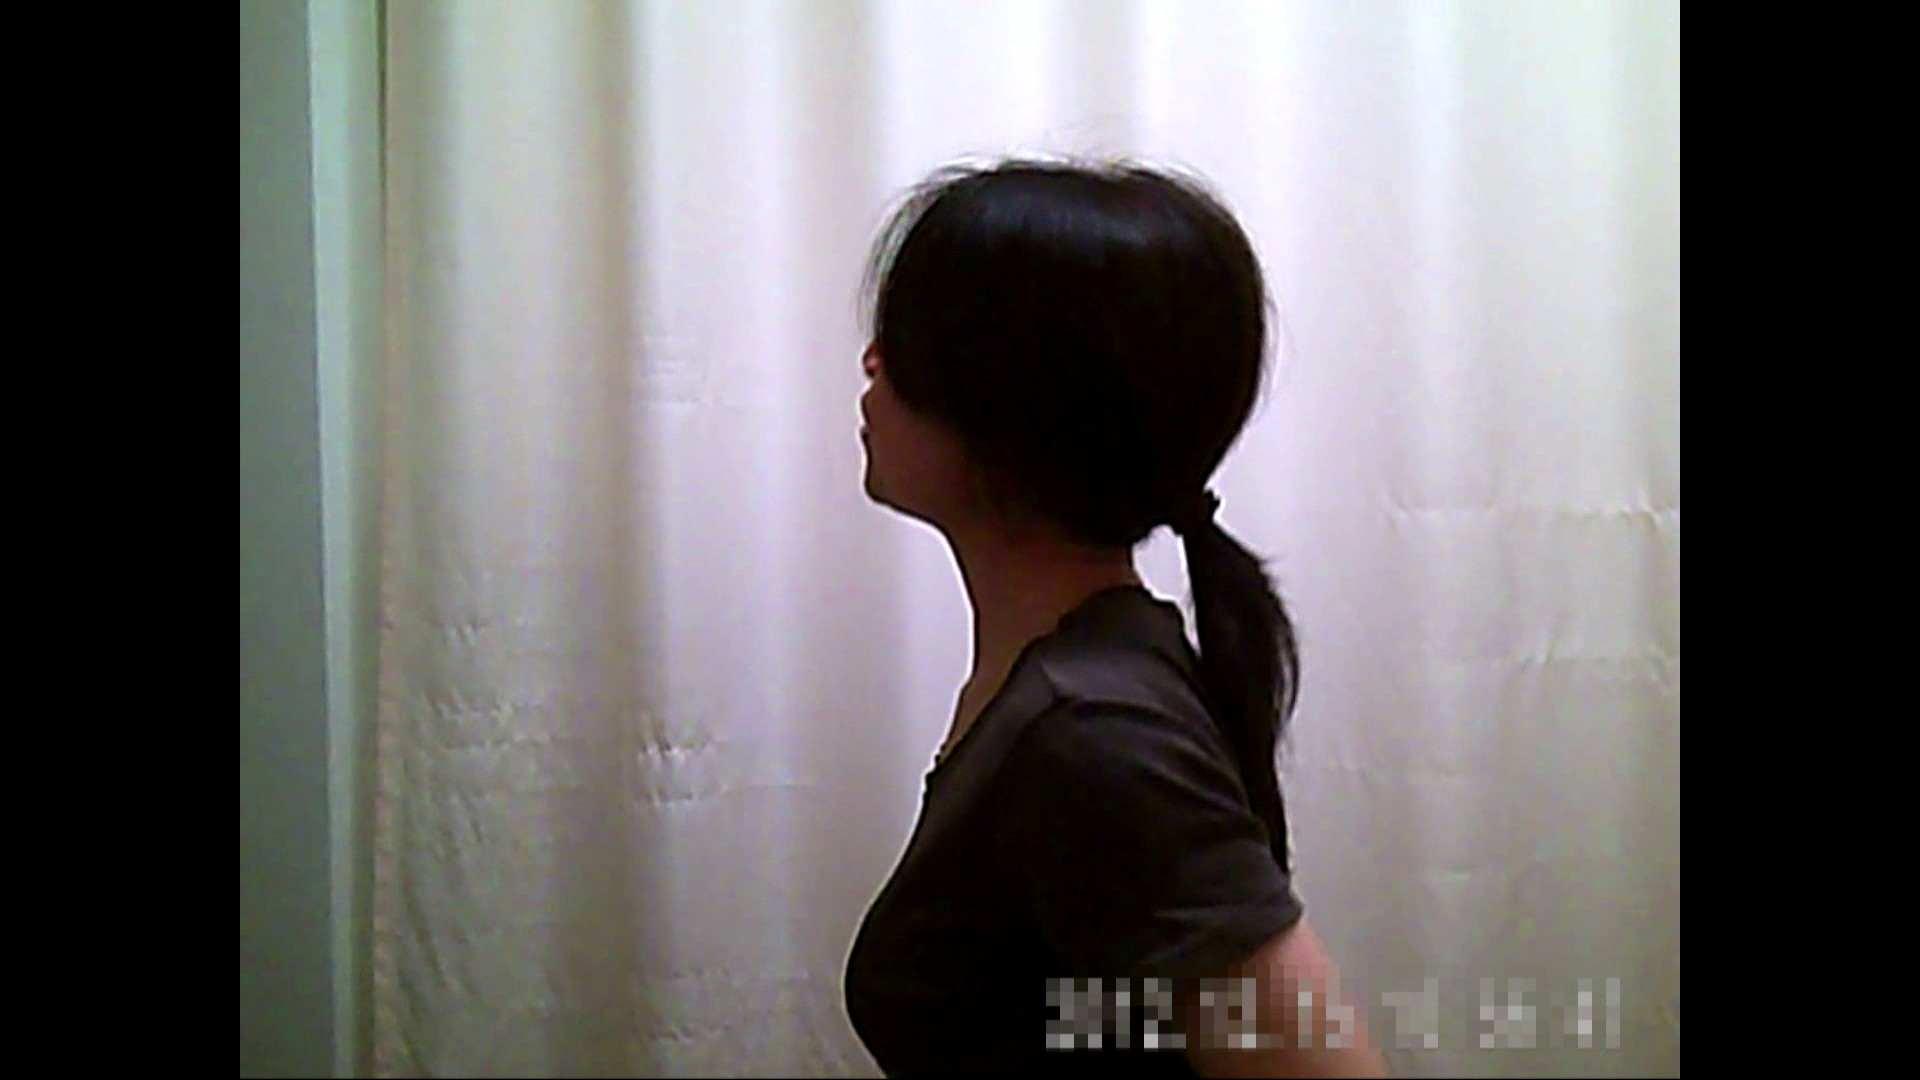 病院おもいっきり着替え! vol.179 乳首 隠し撮りオマンコ動画紹介 66PIX 25